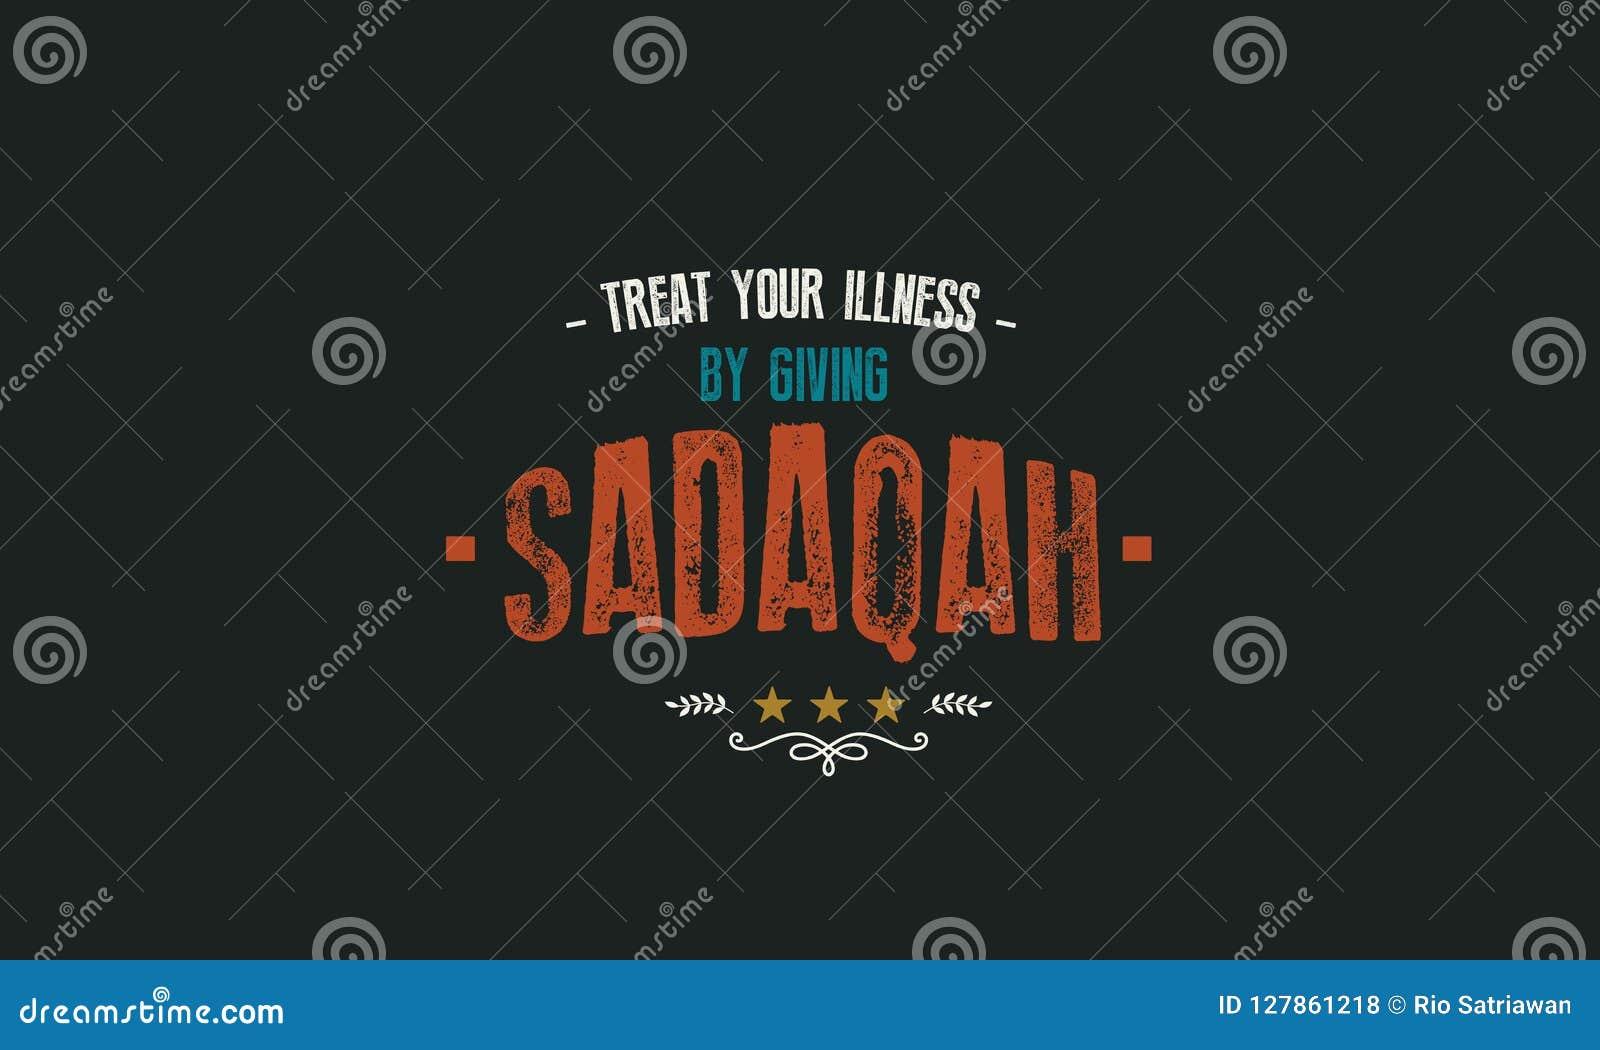 Taktuje twój chorobę dawać sadaqah